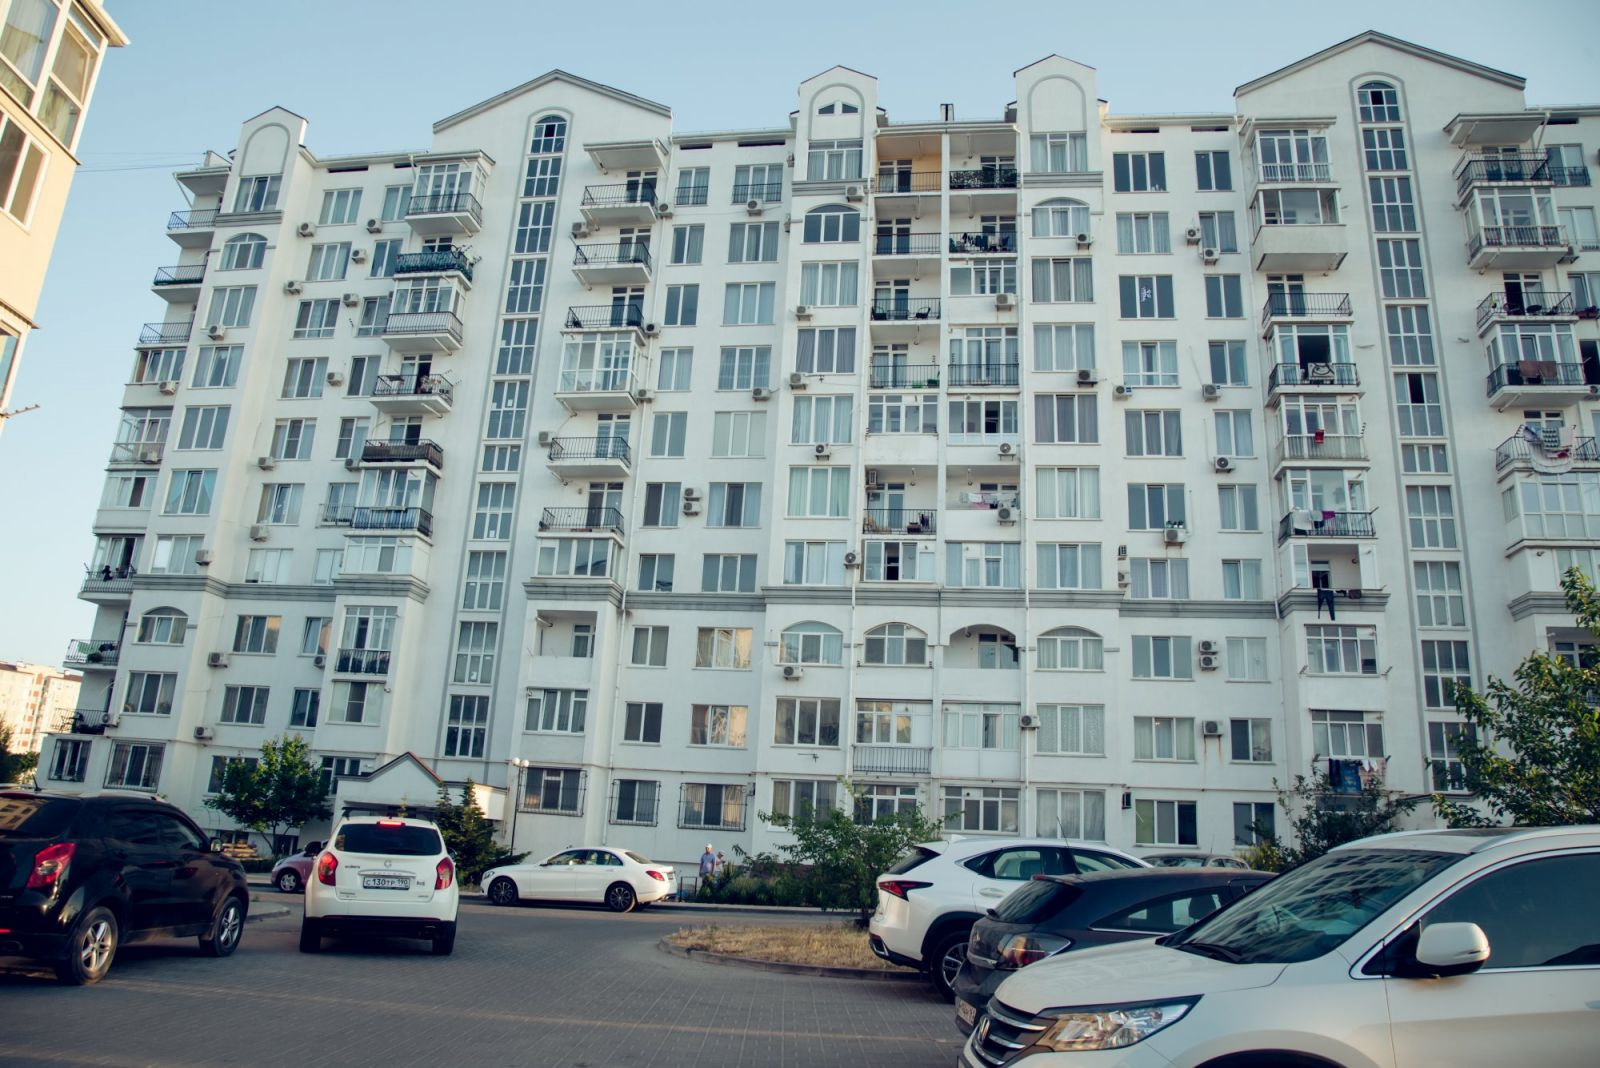 1 ком. квартира люкс с видом на море. Сдается 1-к квартира в Севастополе №4535 (Крым) посуточно, цены и отзывы